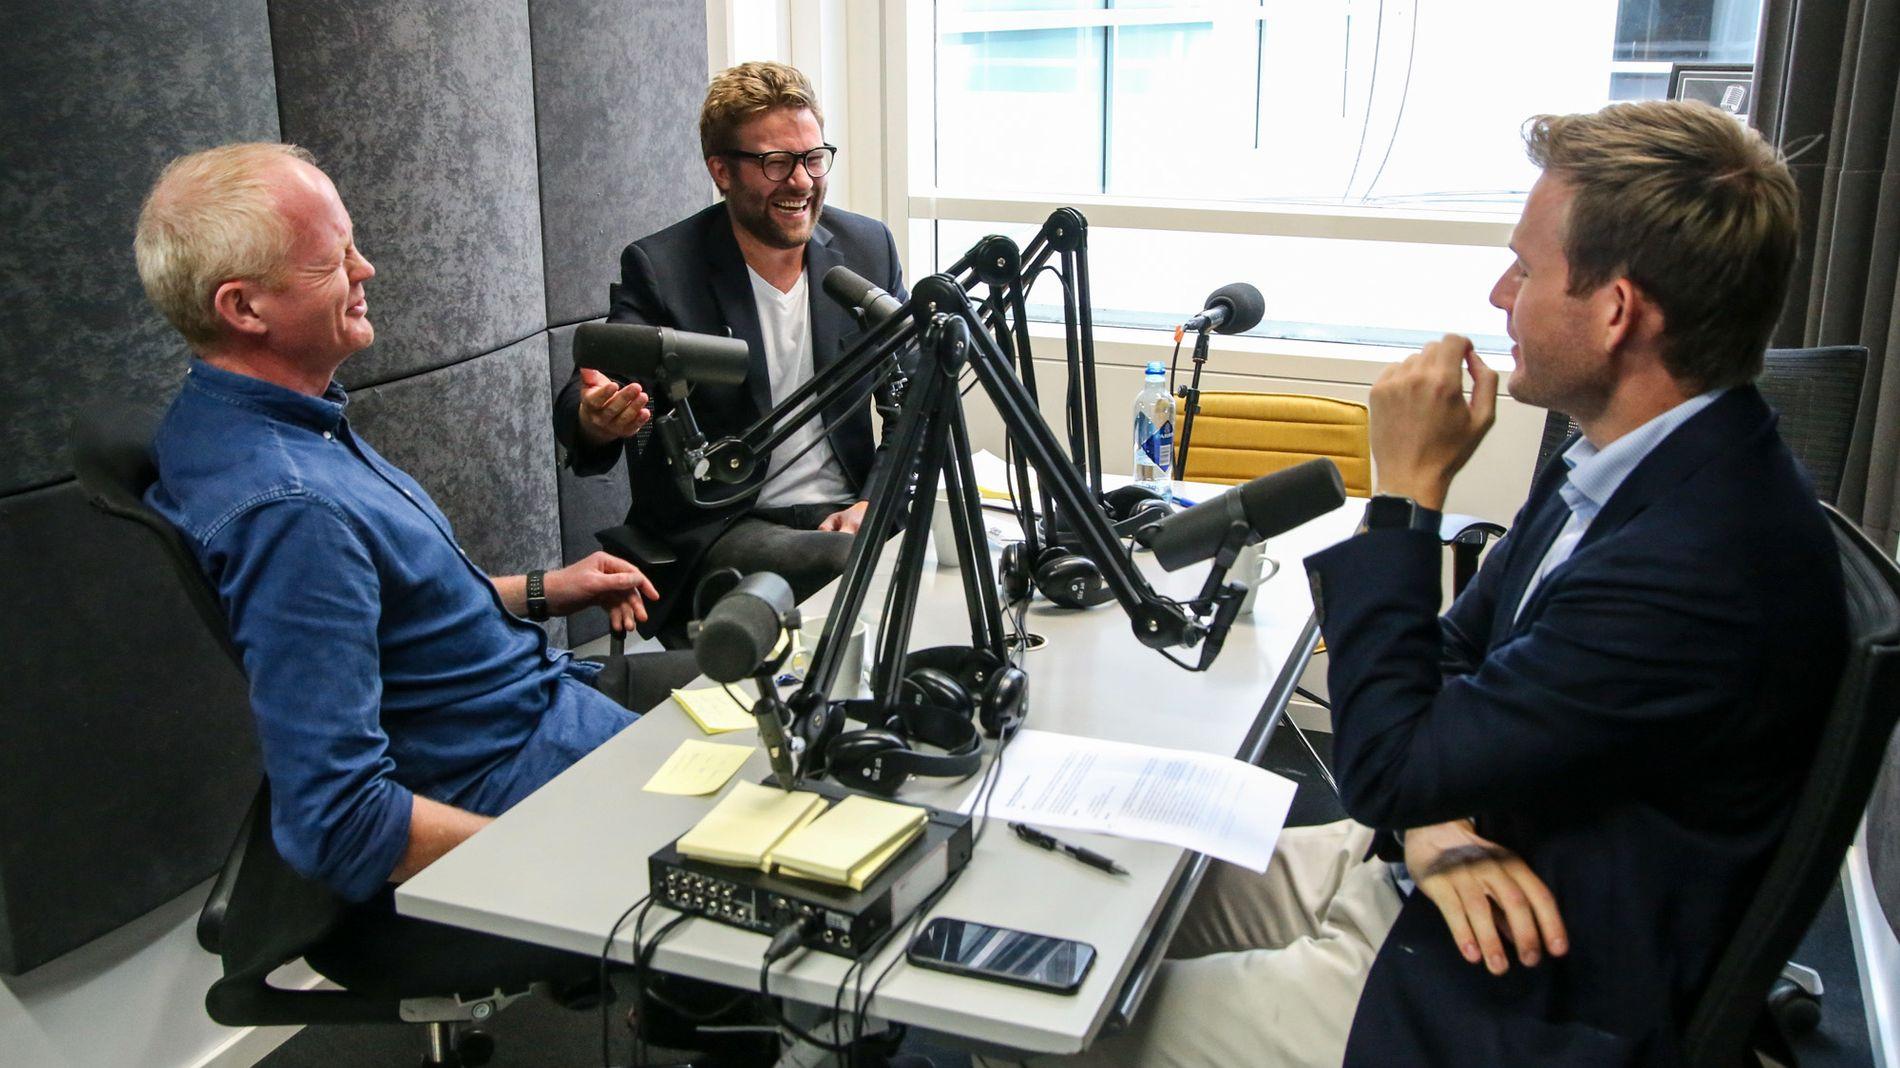 Selv om SVs Lars Haltbrekken (t.v.) og Høyres Stefan Heggelund (i midten) er rykende uenige politisk, så var stemningen til tider veldig lattermild i oljedebatten i E24-podden. Til høyre er programleder Marius Lorentzen